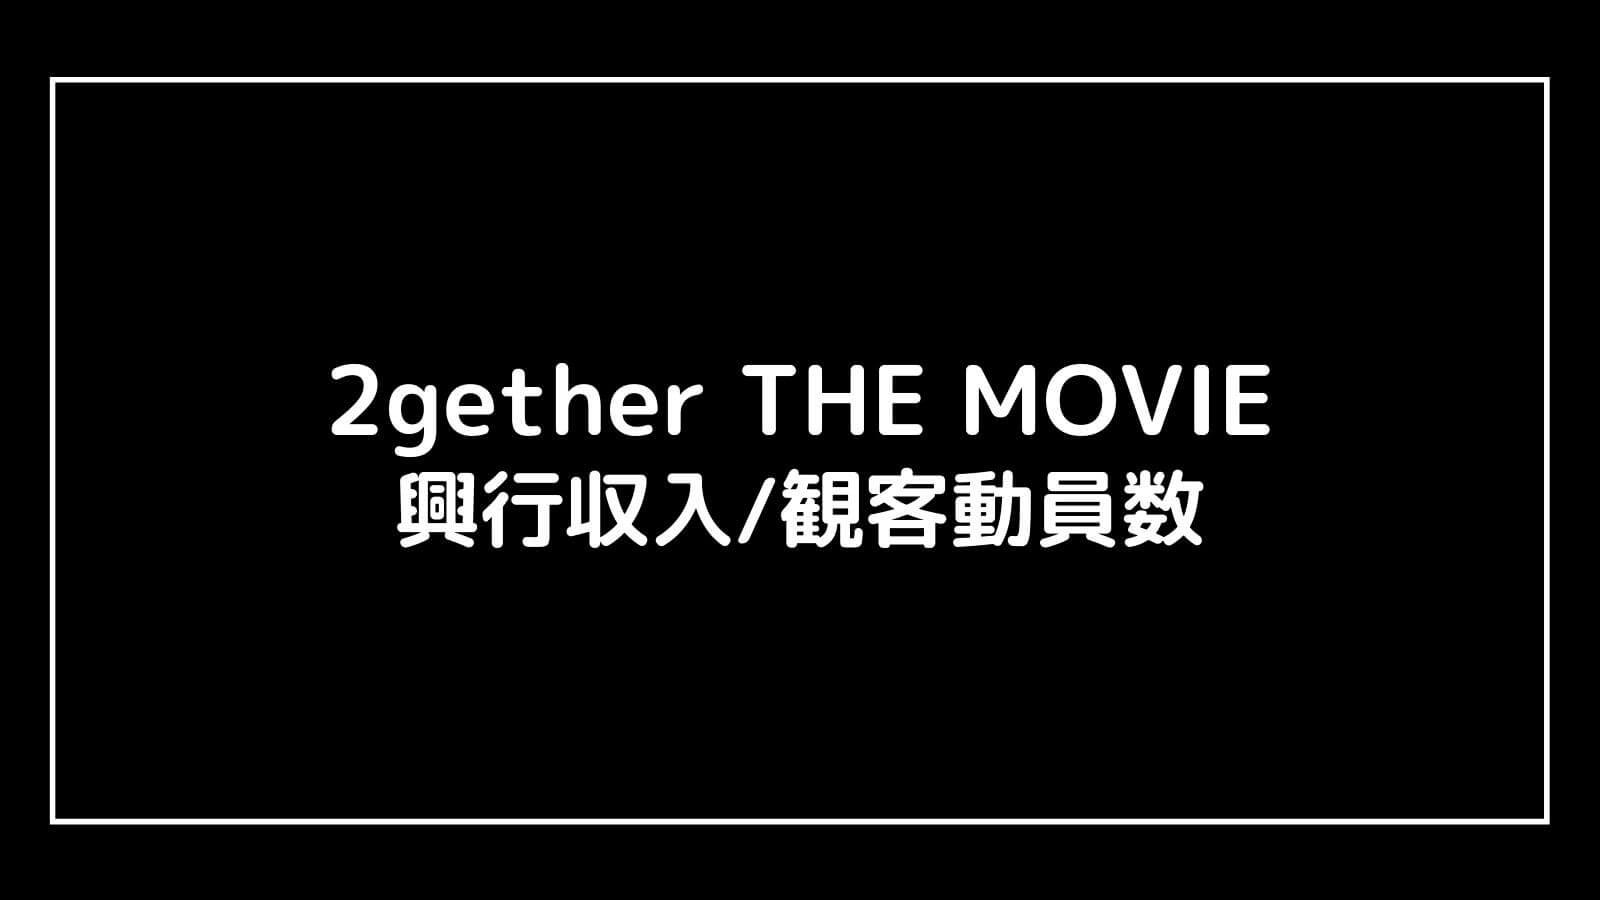 映画『2gether THE MOVIE』興行収入推移と最終興収を元映画館社員が予想